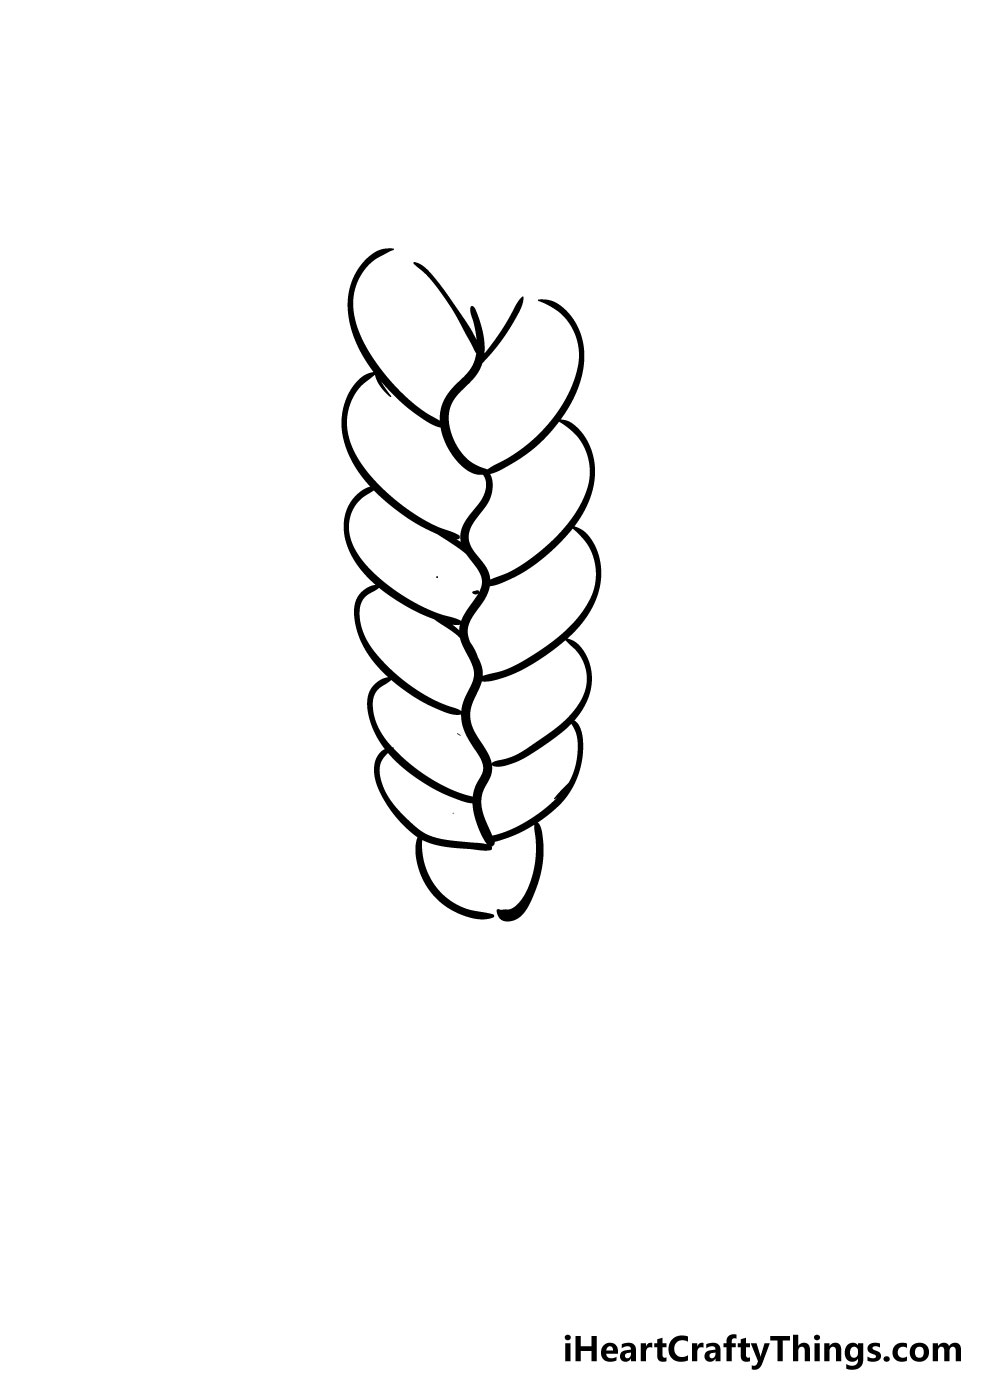 braid drawing step 5